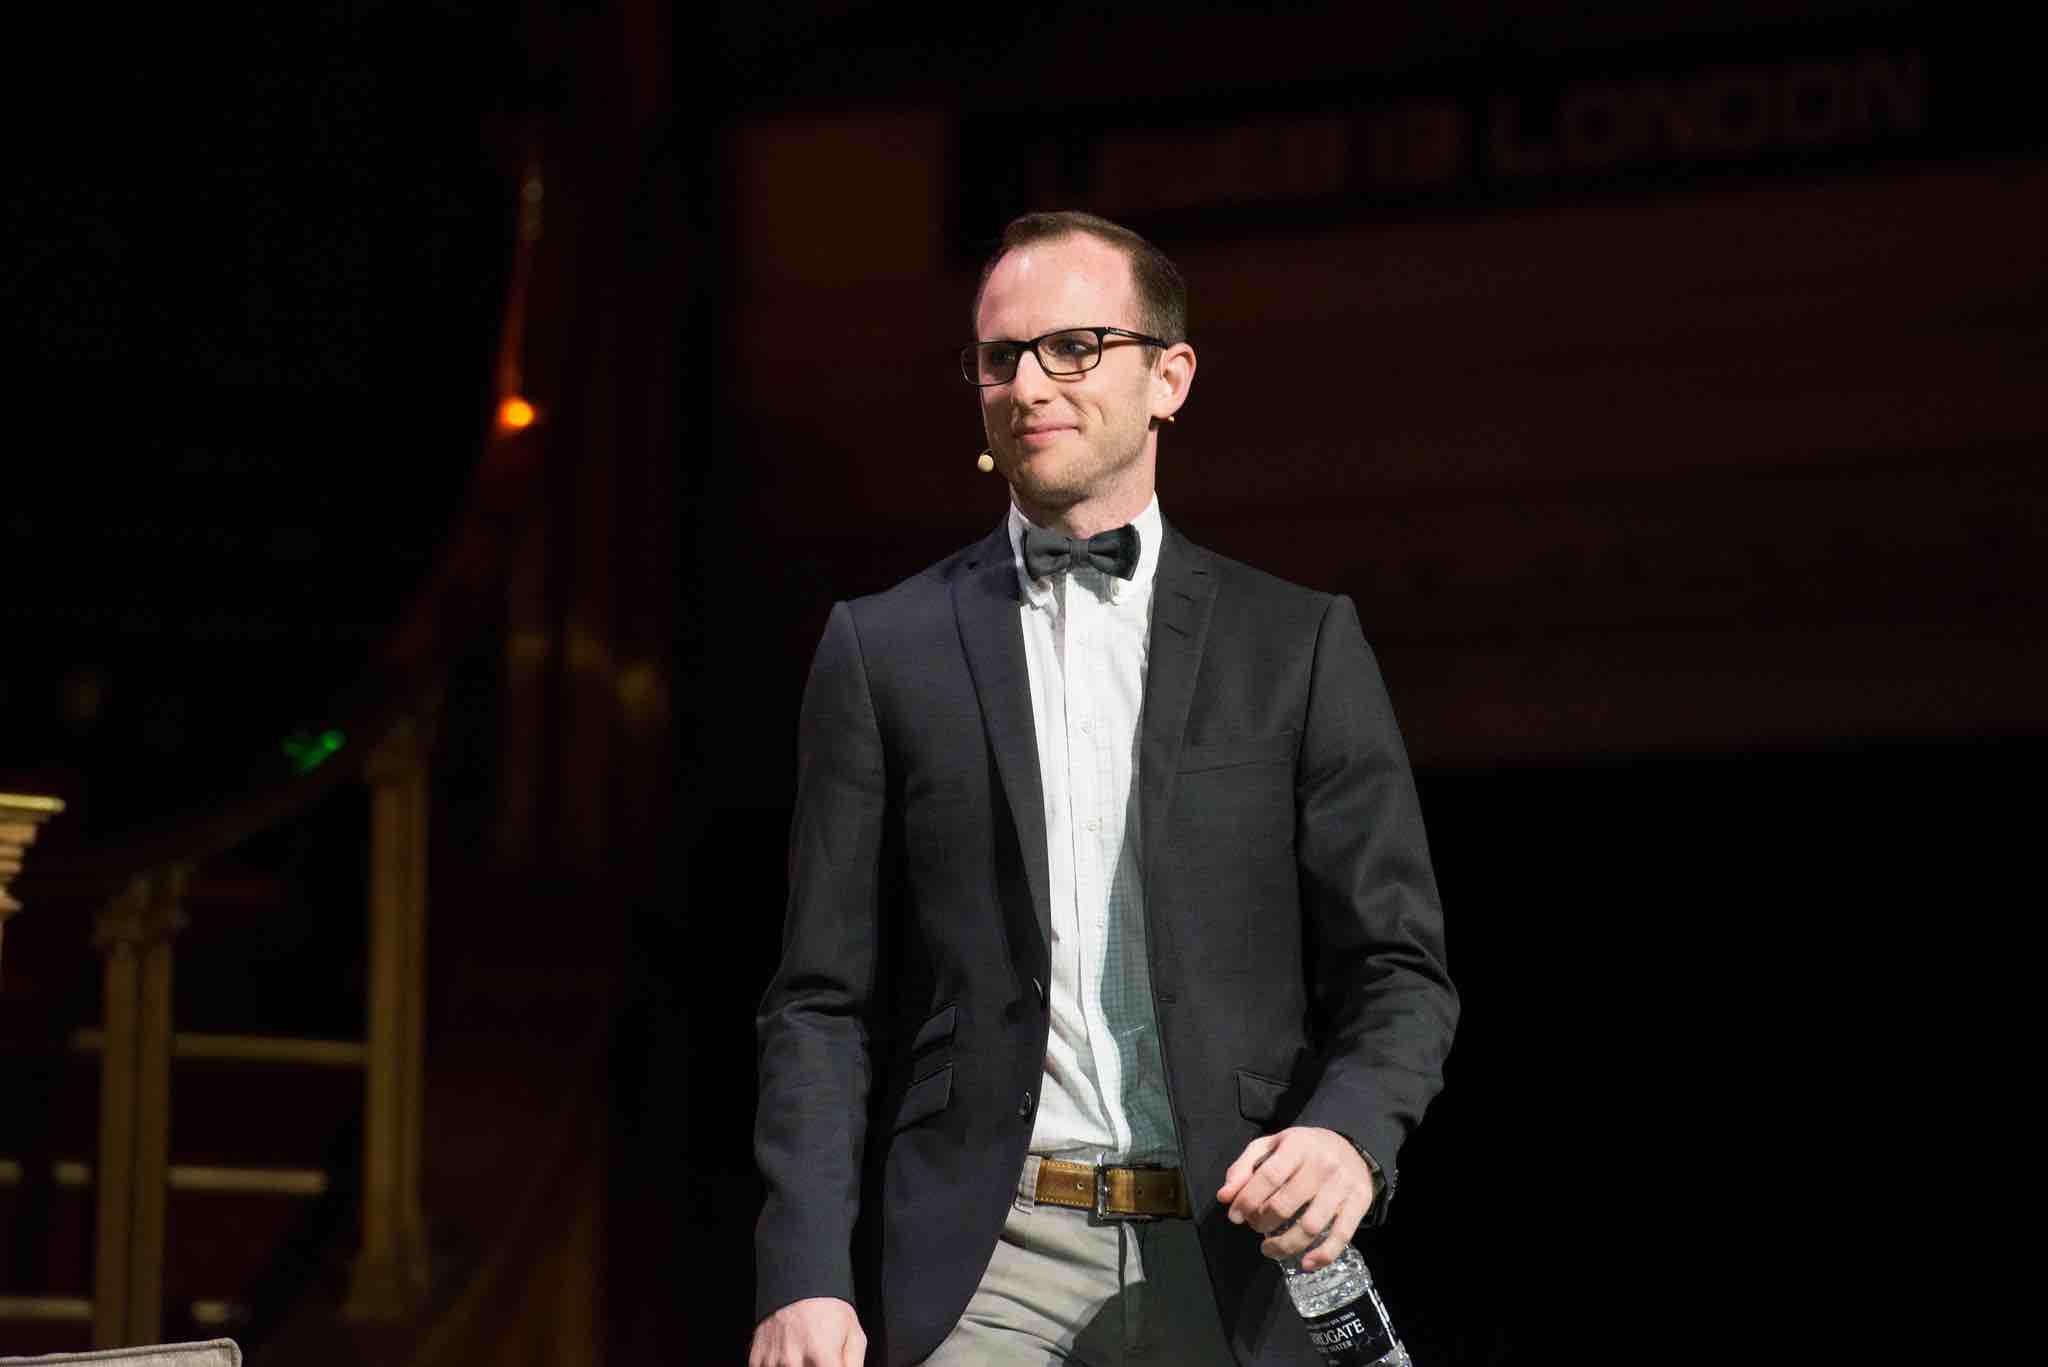 Joe Gebbia, co-fundador de Airbnb